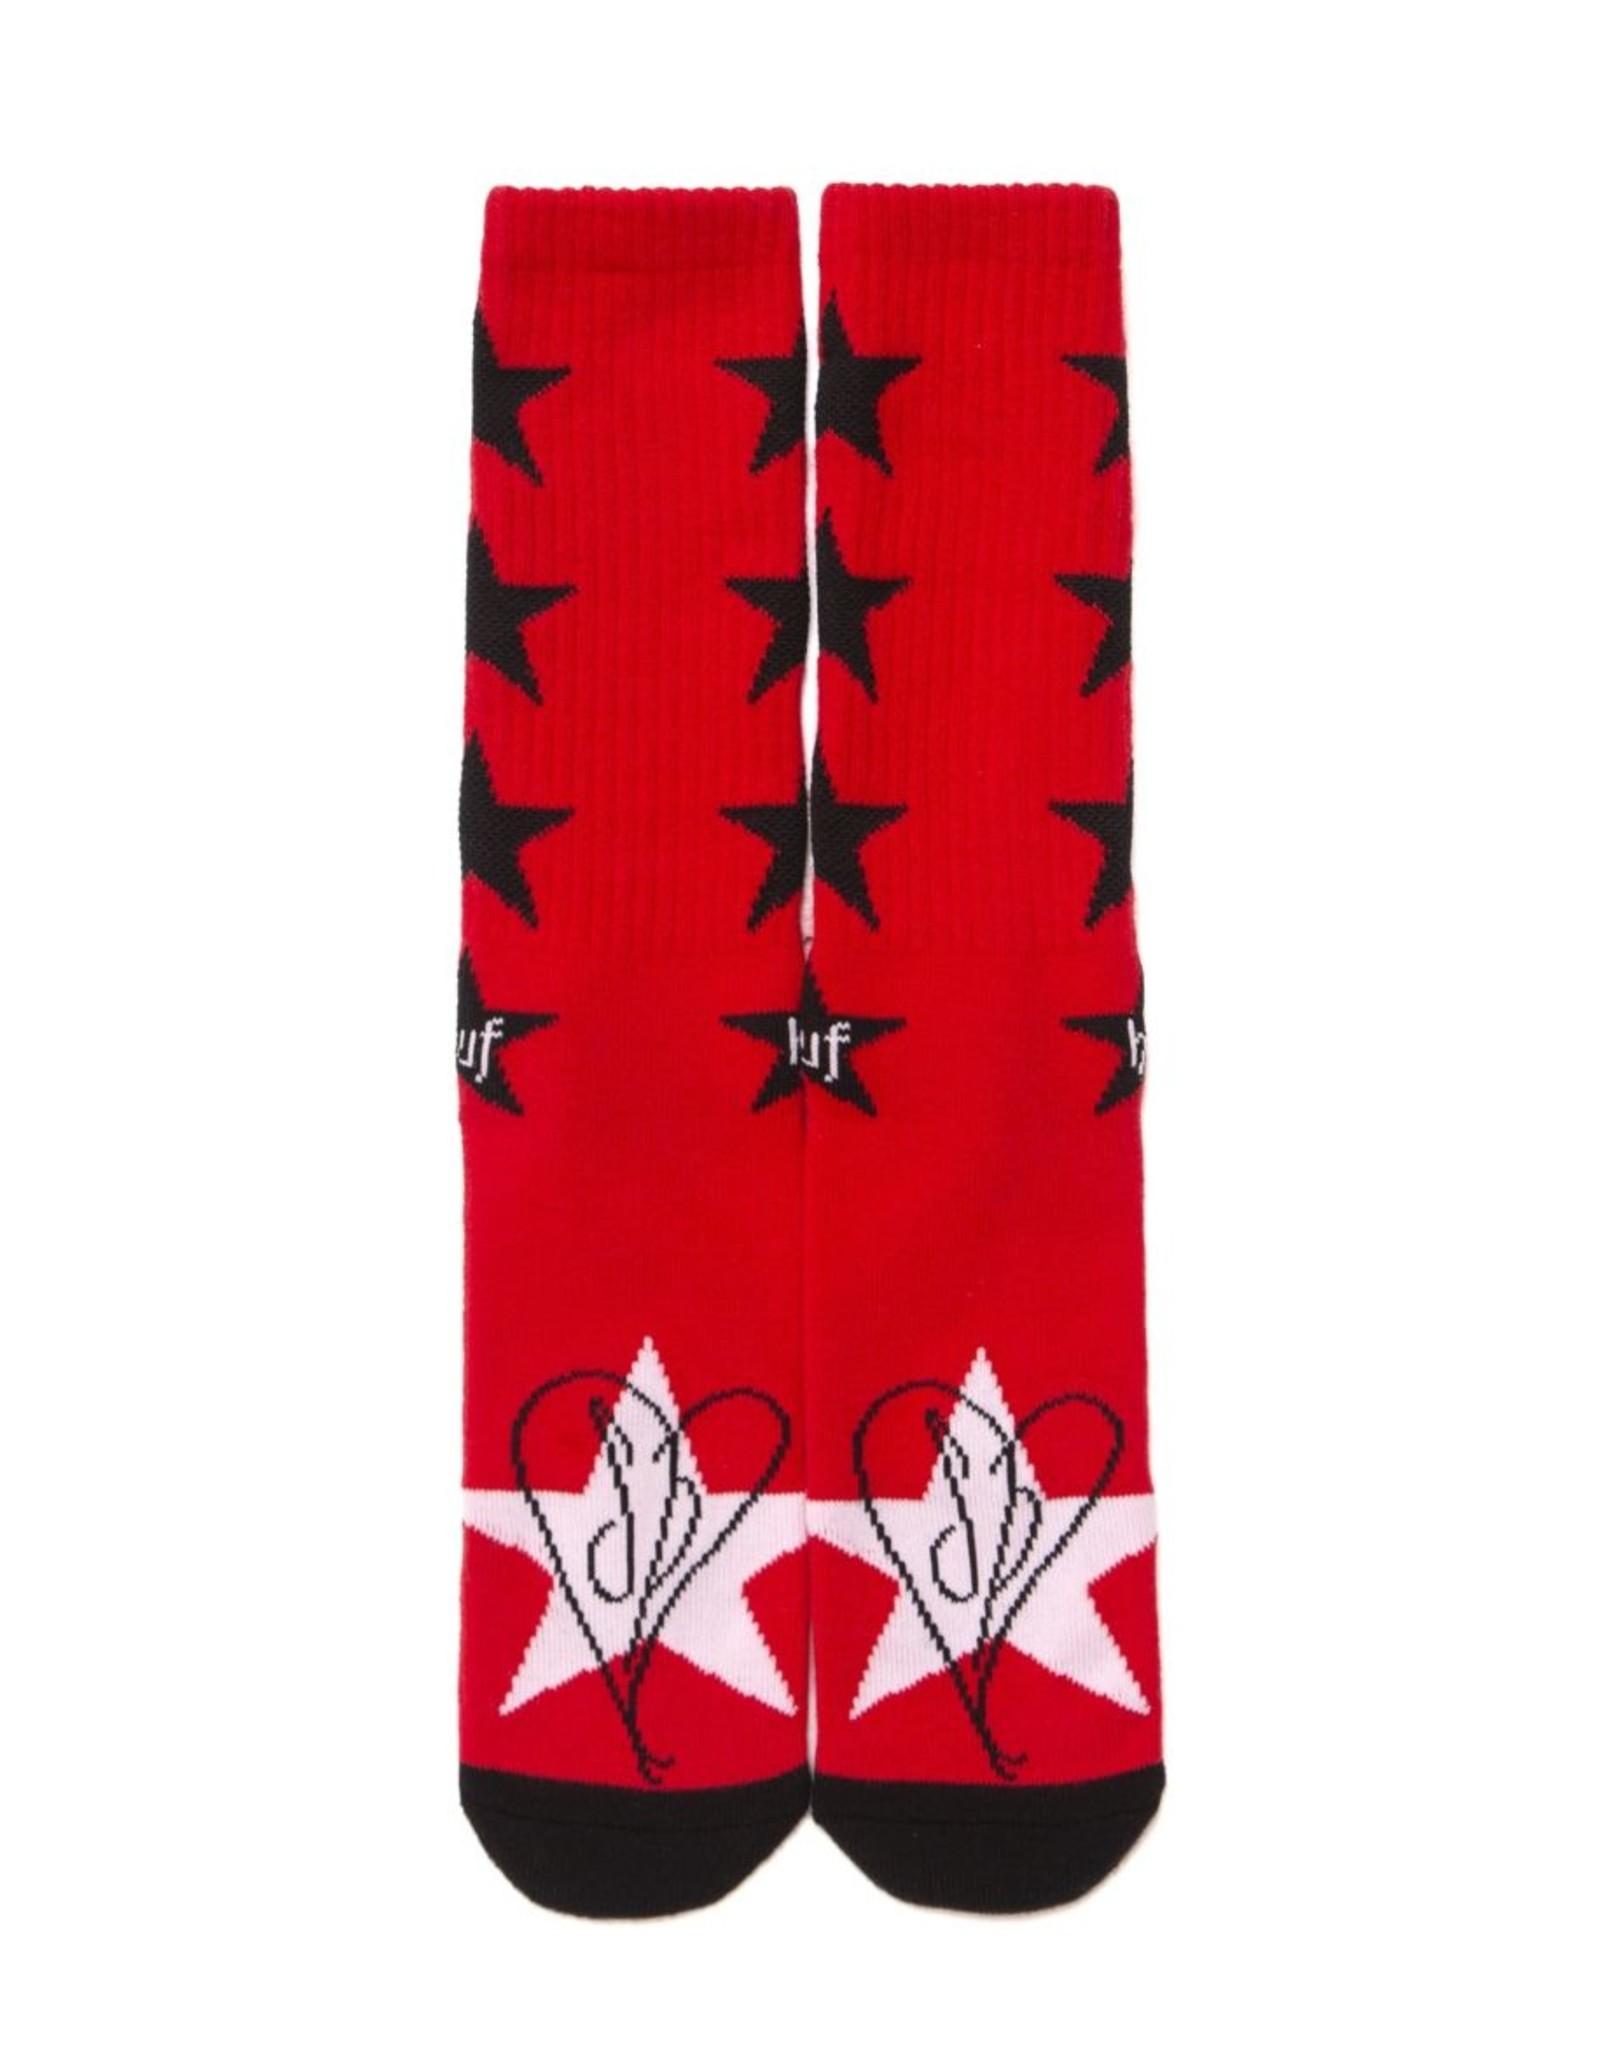 HUF STARLA SOCK - RED